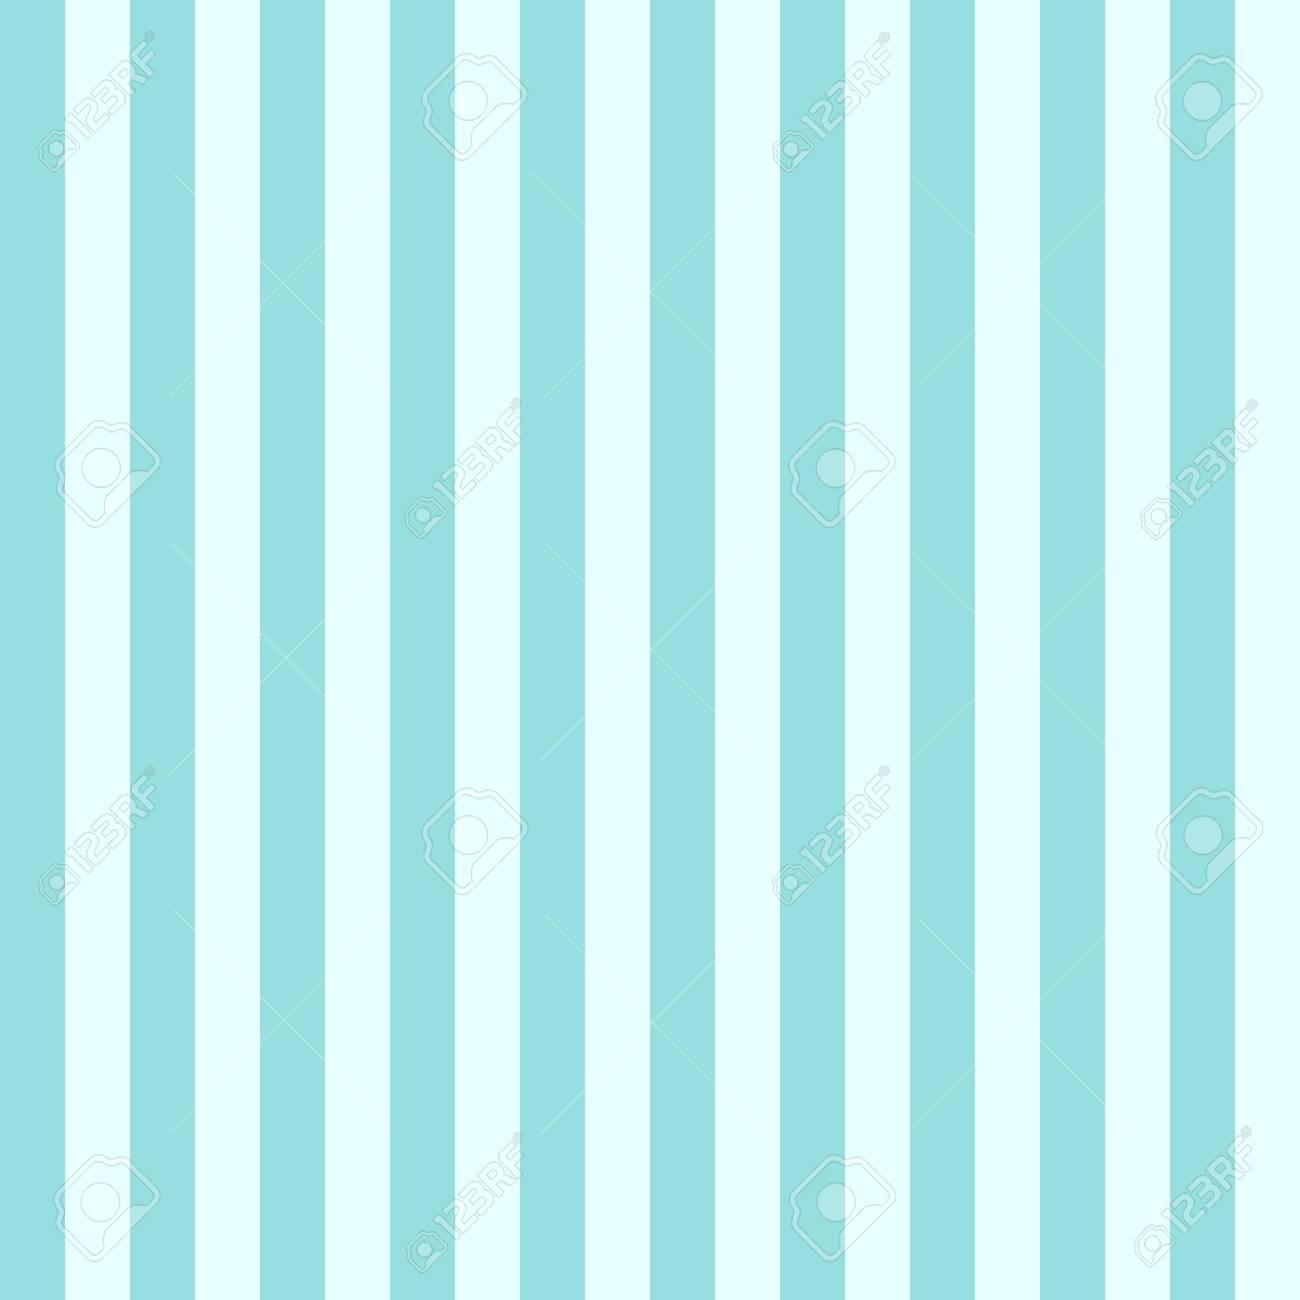 Fondo Patrón Raya Vector Transparente Textura Verde Aqua Colores ...